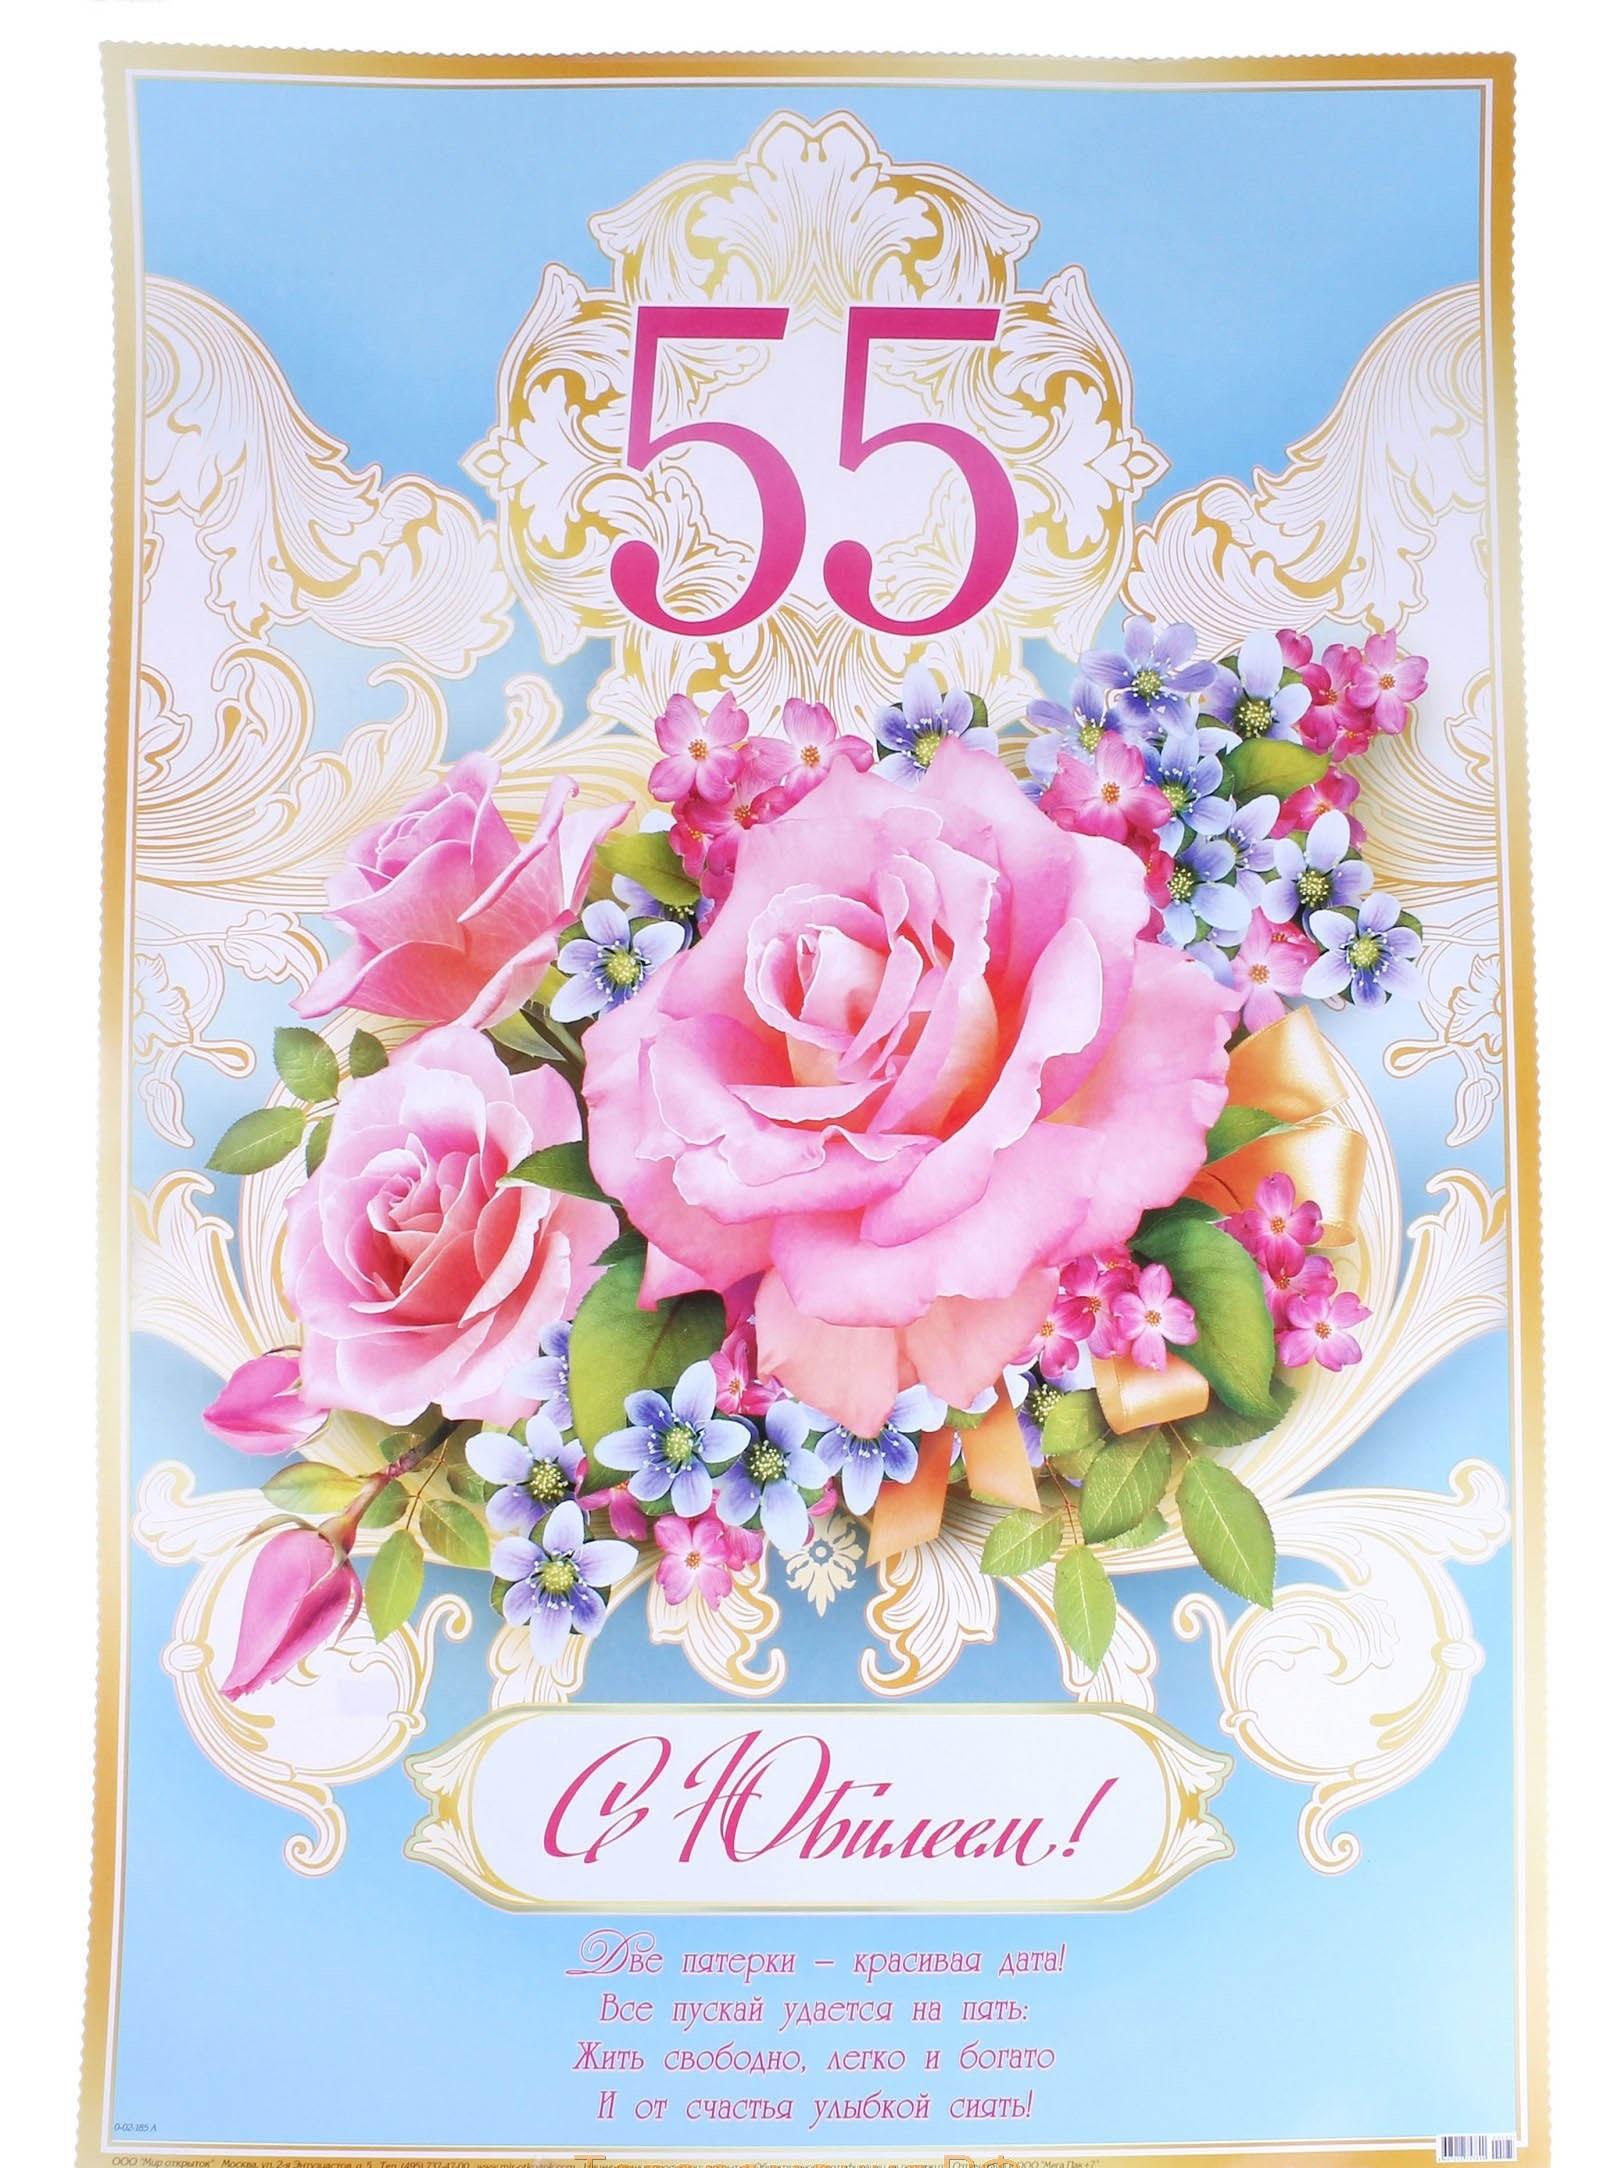 Красивые открытки на 55 лет женщине картинки